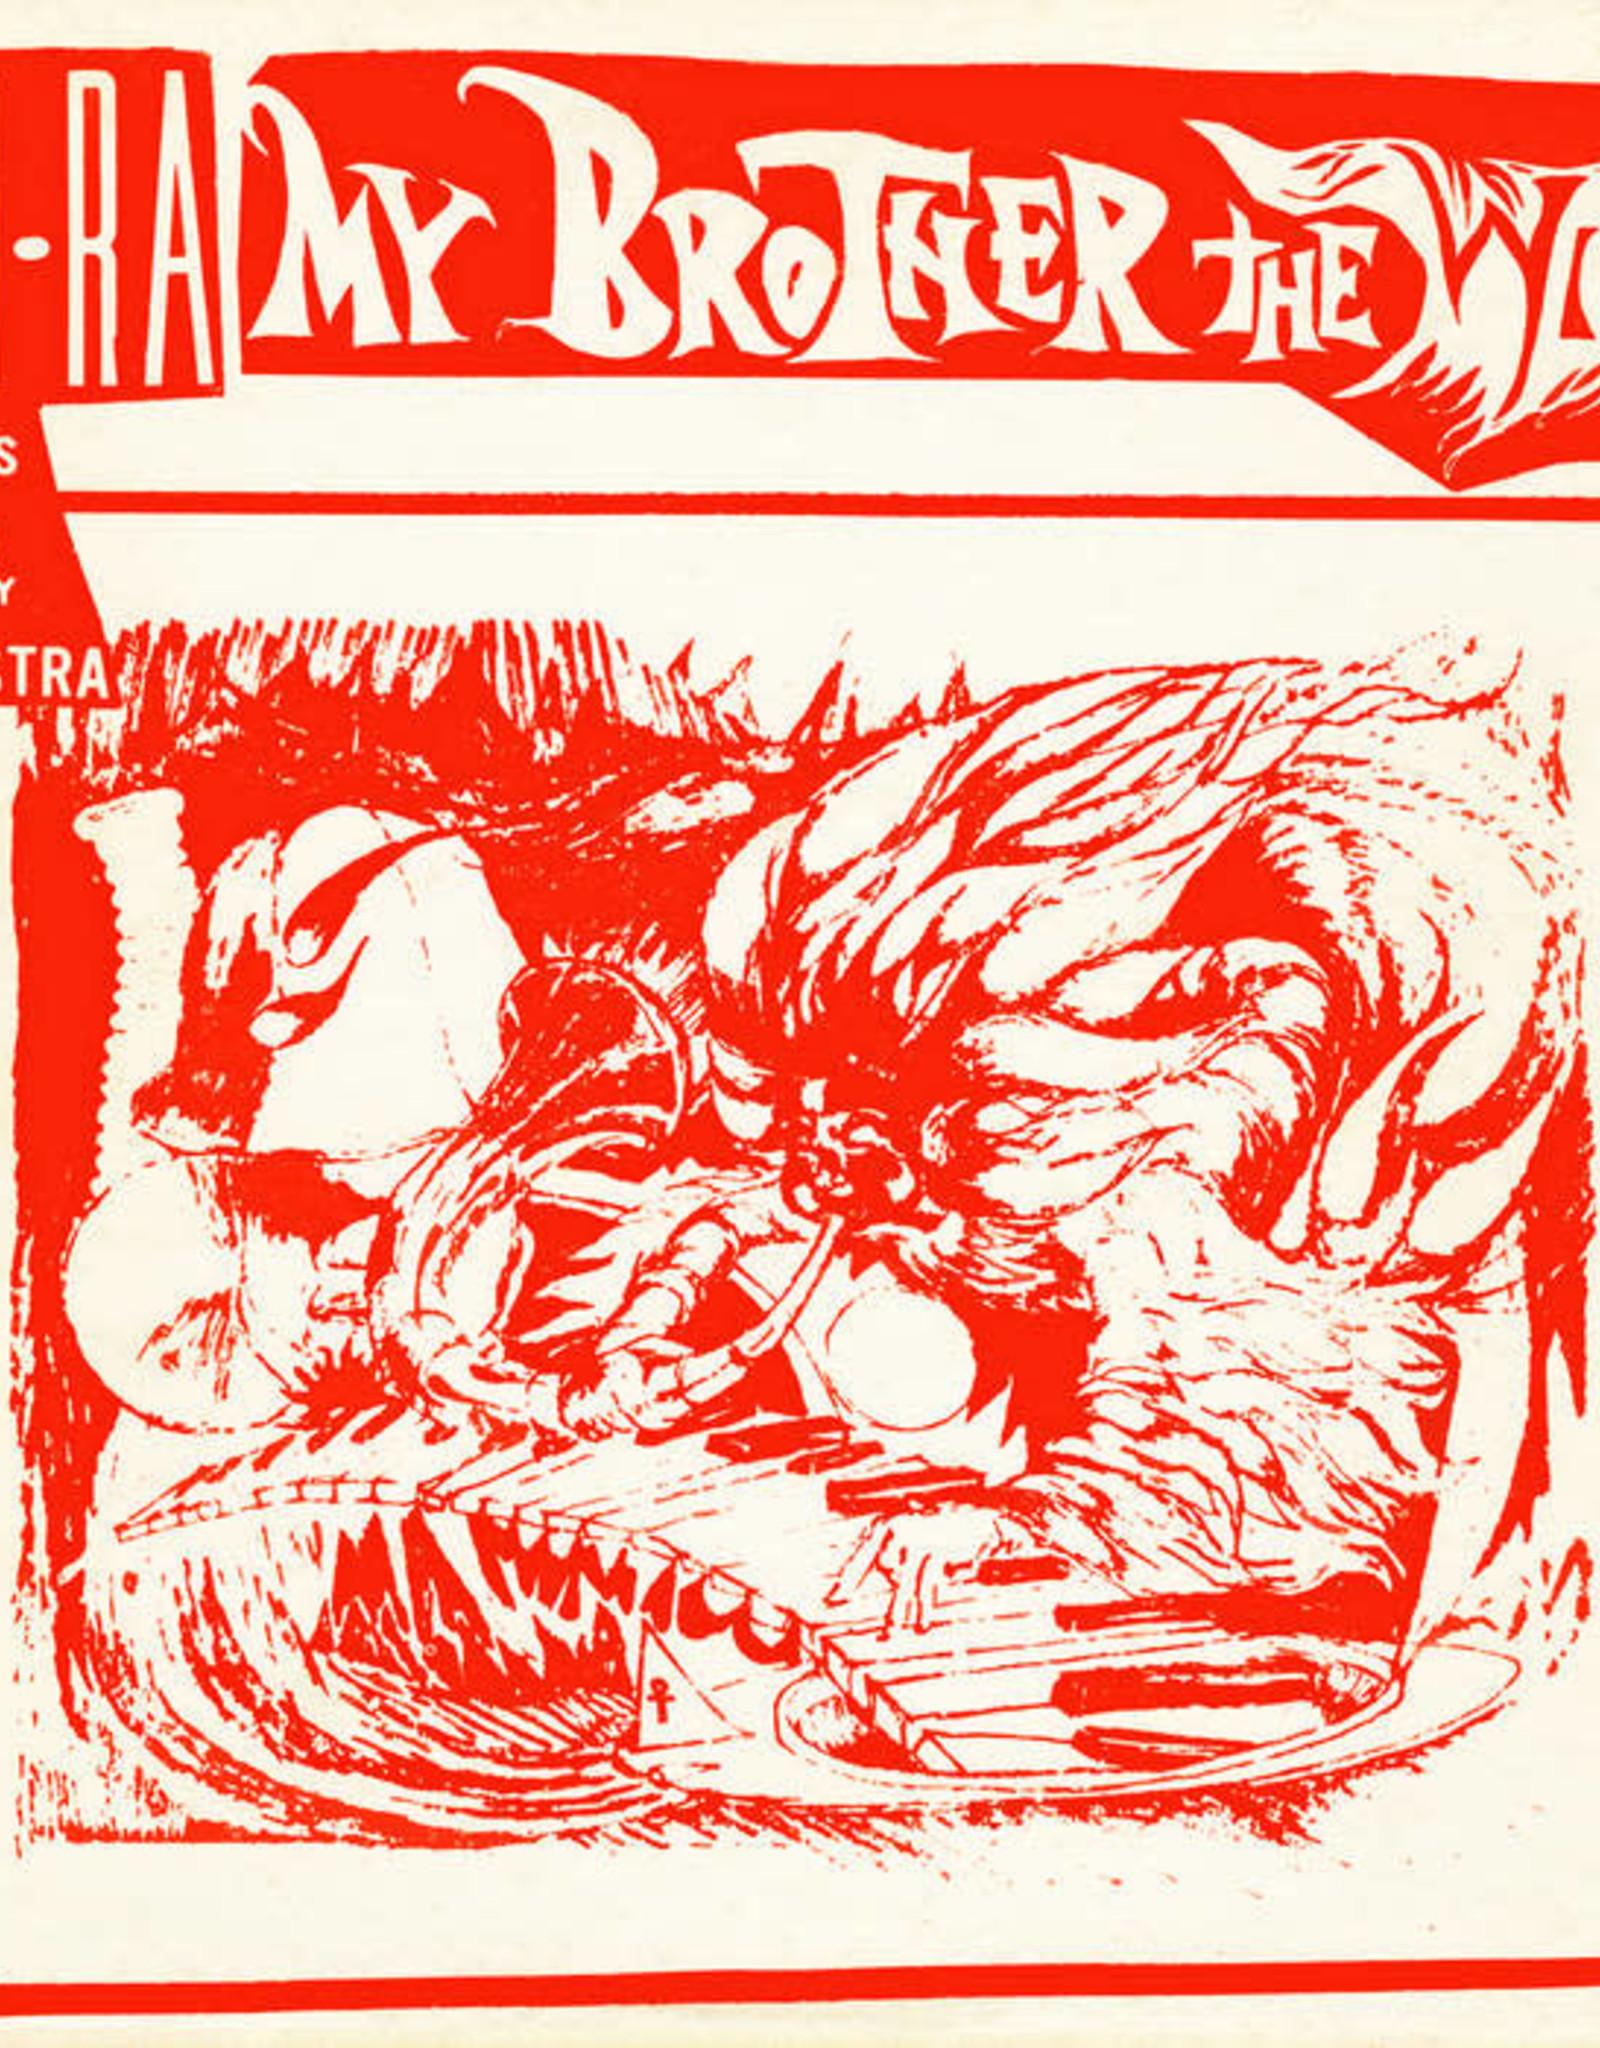 Sun Ra - My Brother The Wind II